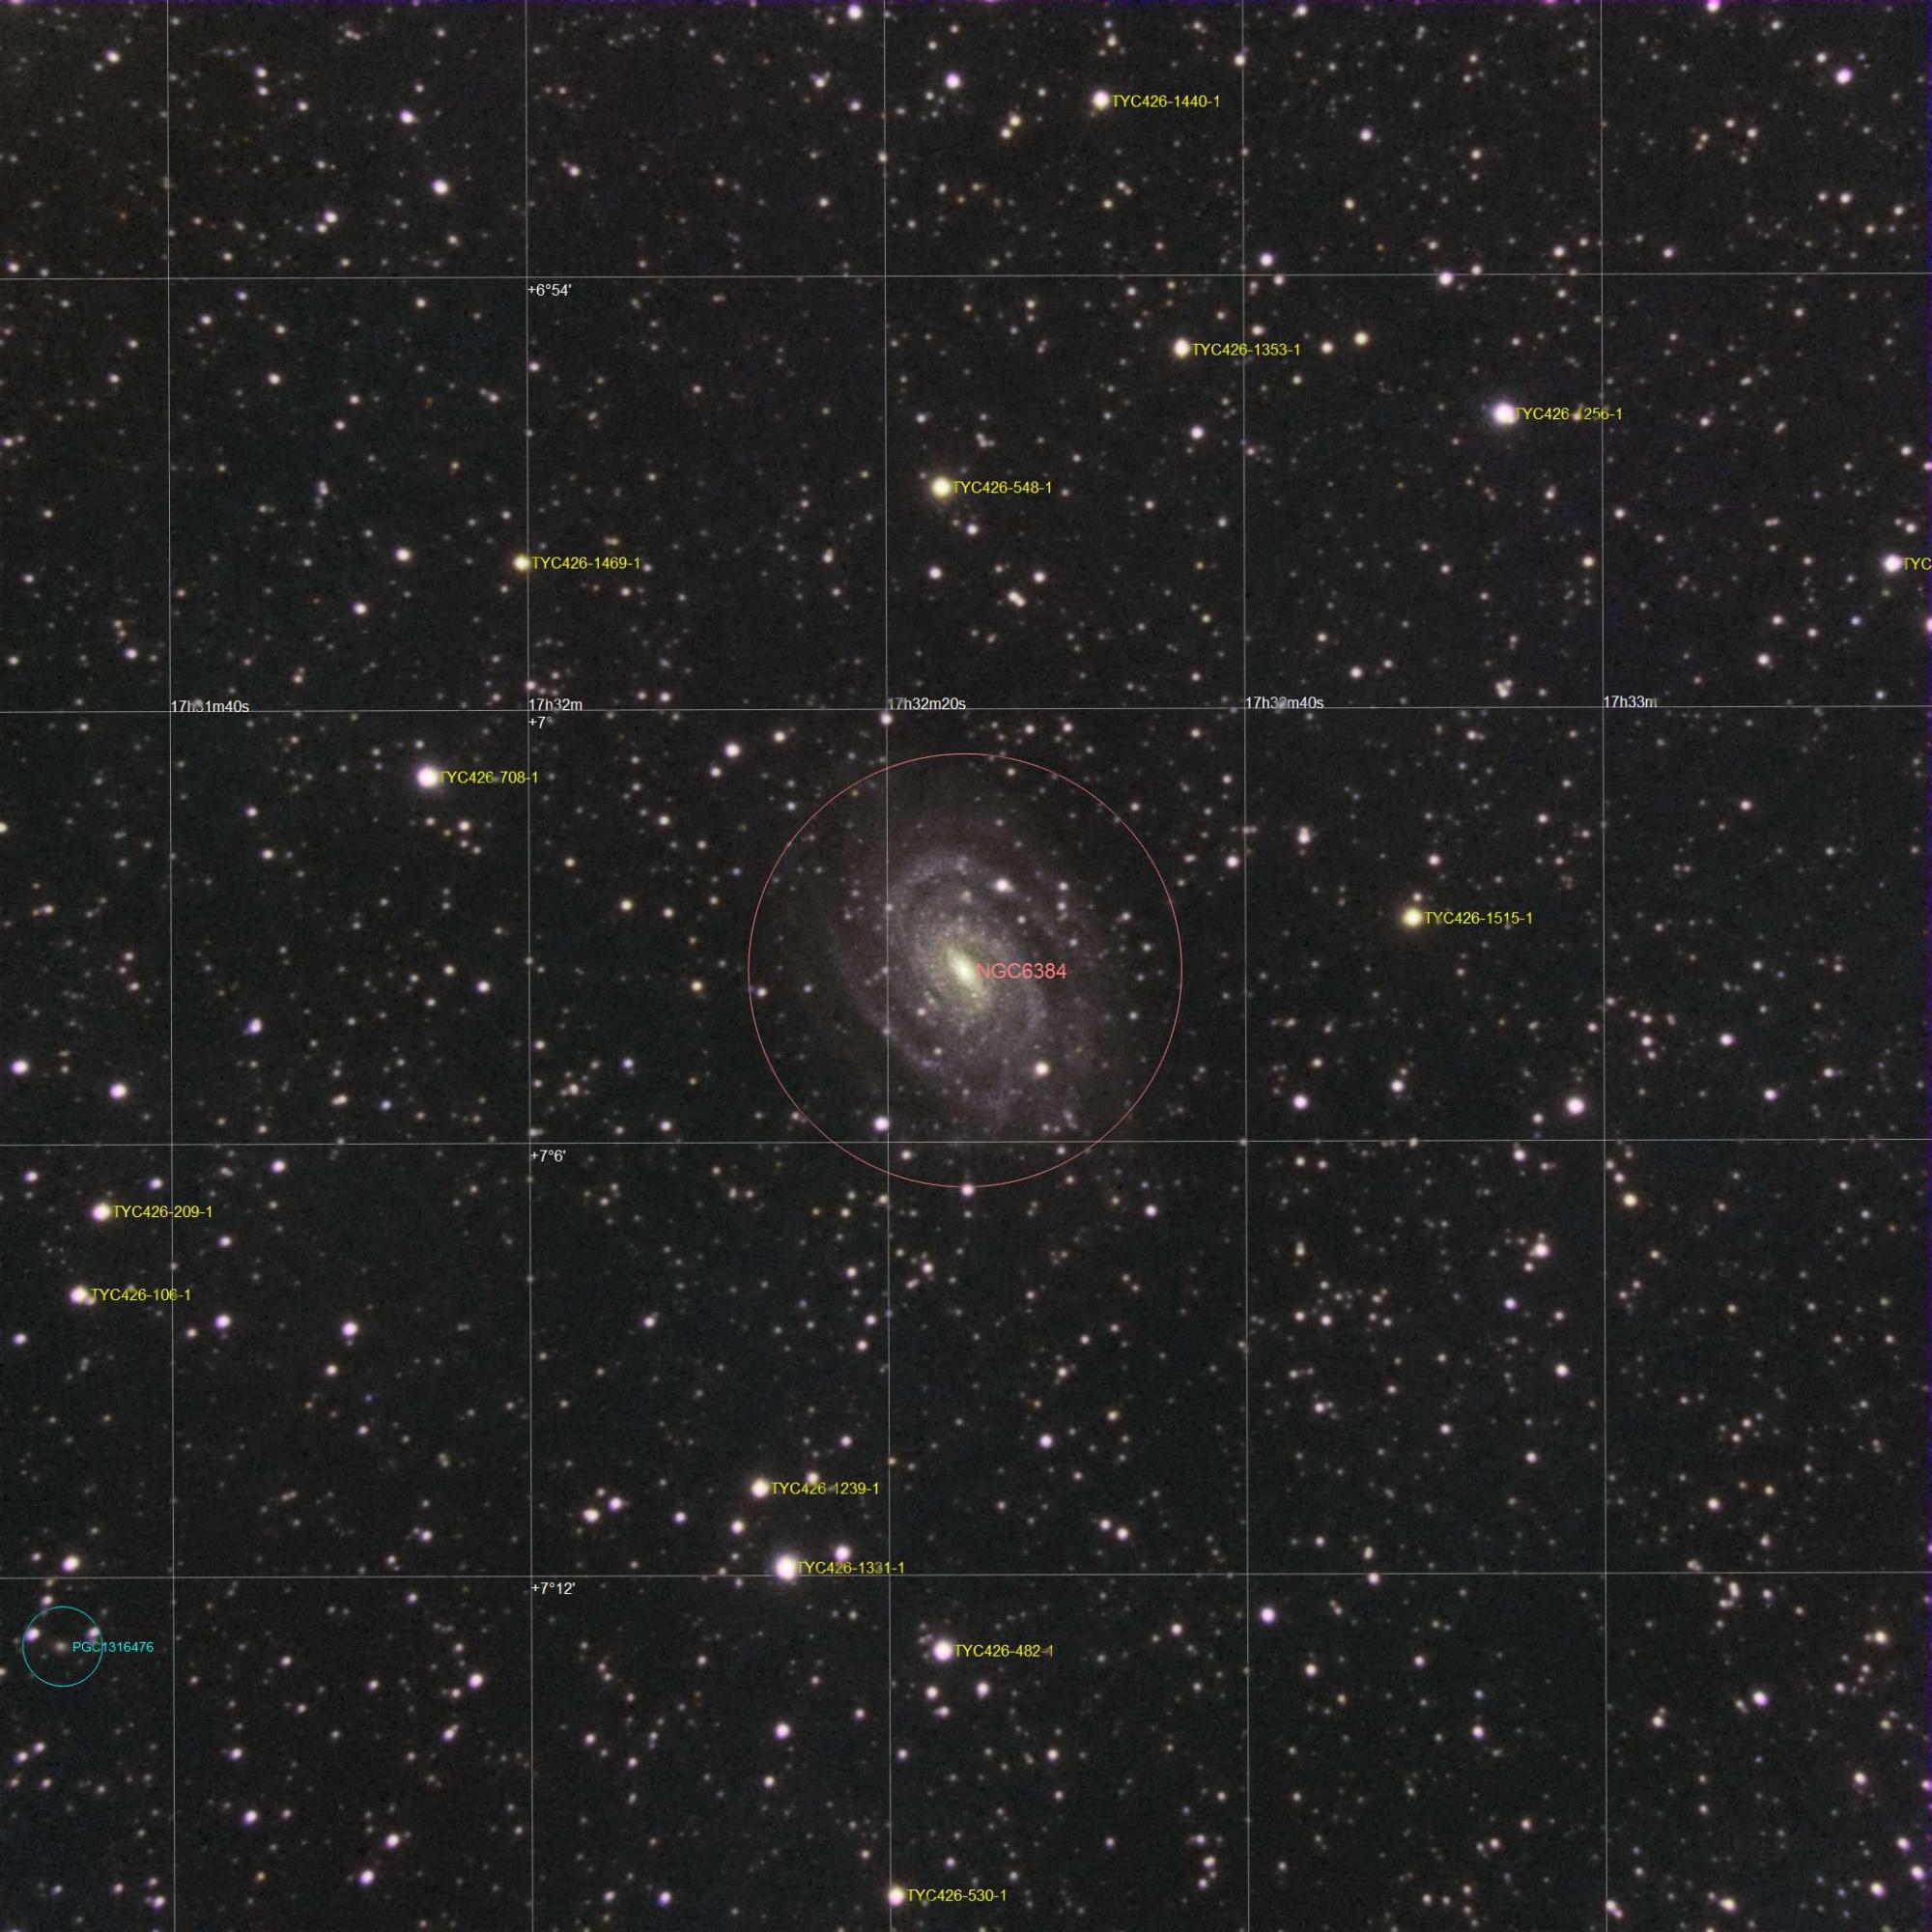 5c1cd5f1bcdab_NGC6384annote.thumb.jpg.b0badf06f1f8247ae137b79ab8994782.jpg